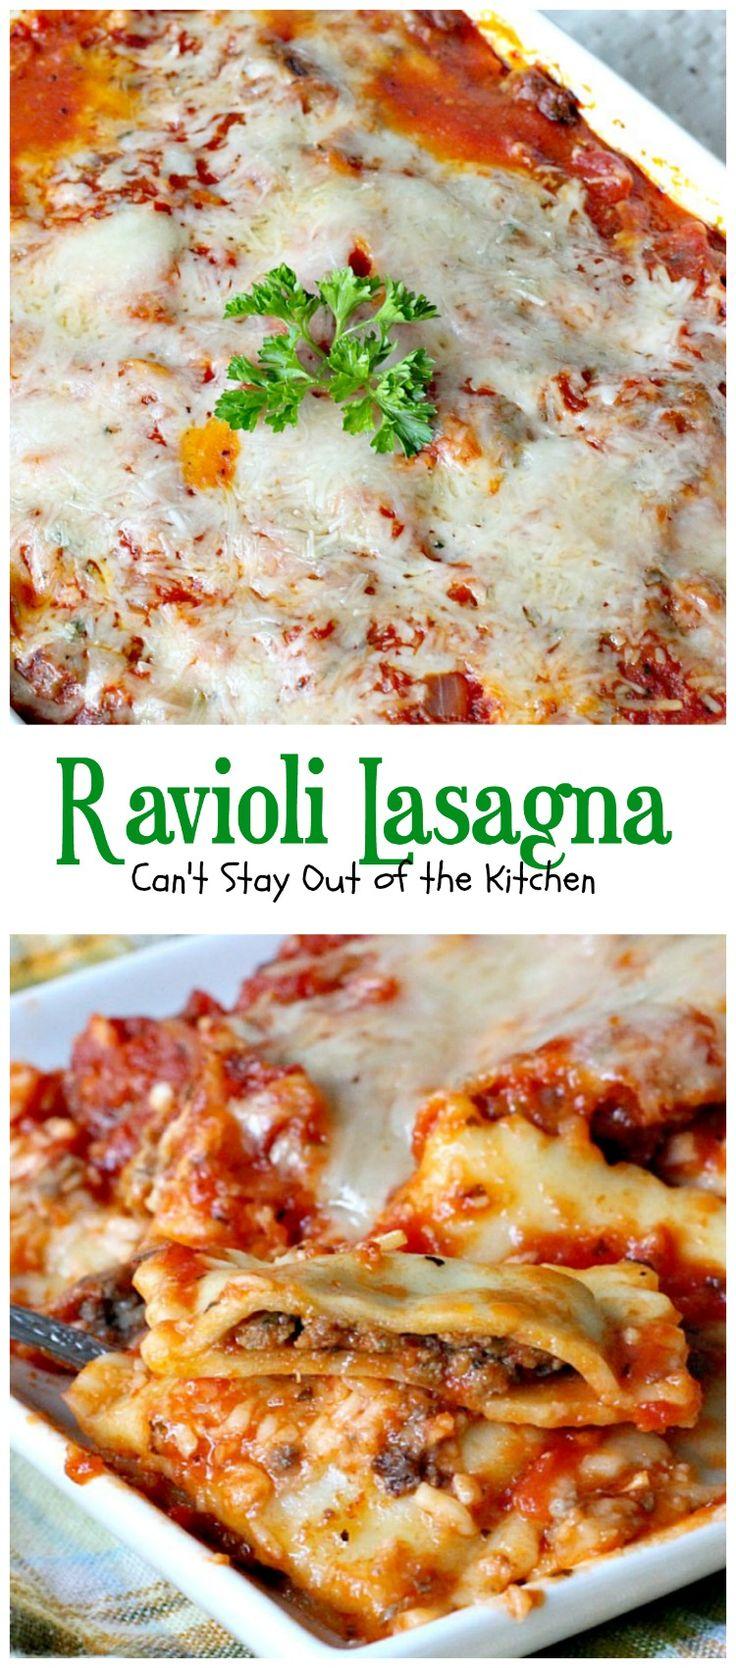 ... Ravioli Lasagna on Pinterest | Ravioli, Lasagna and Make Ahead Freezer